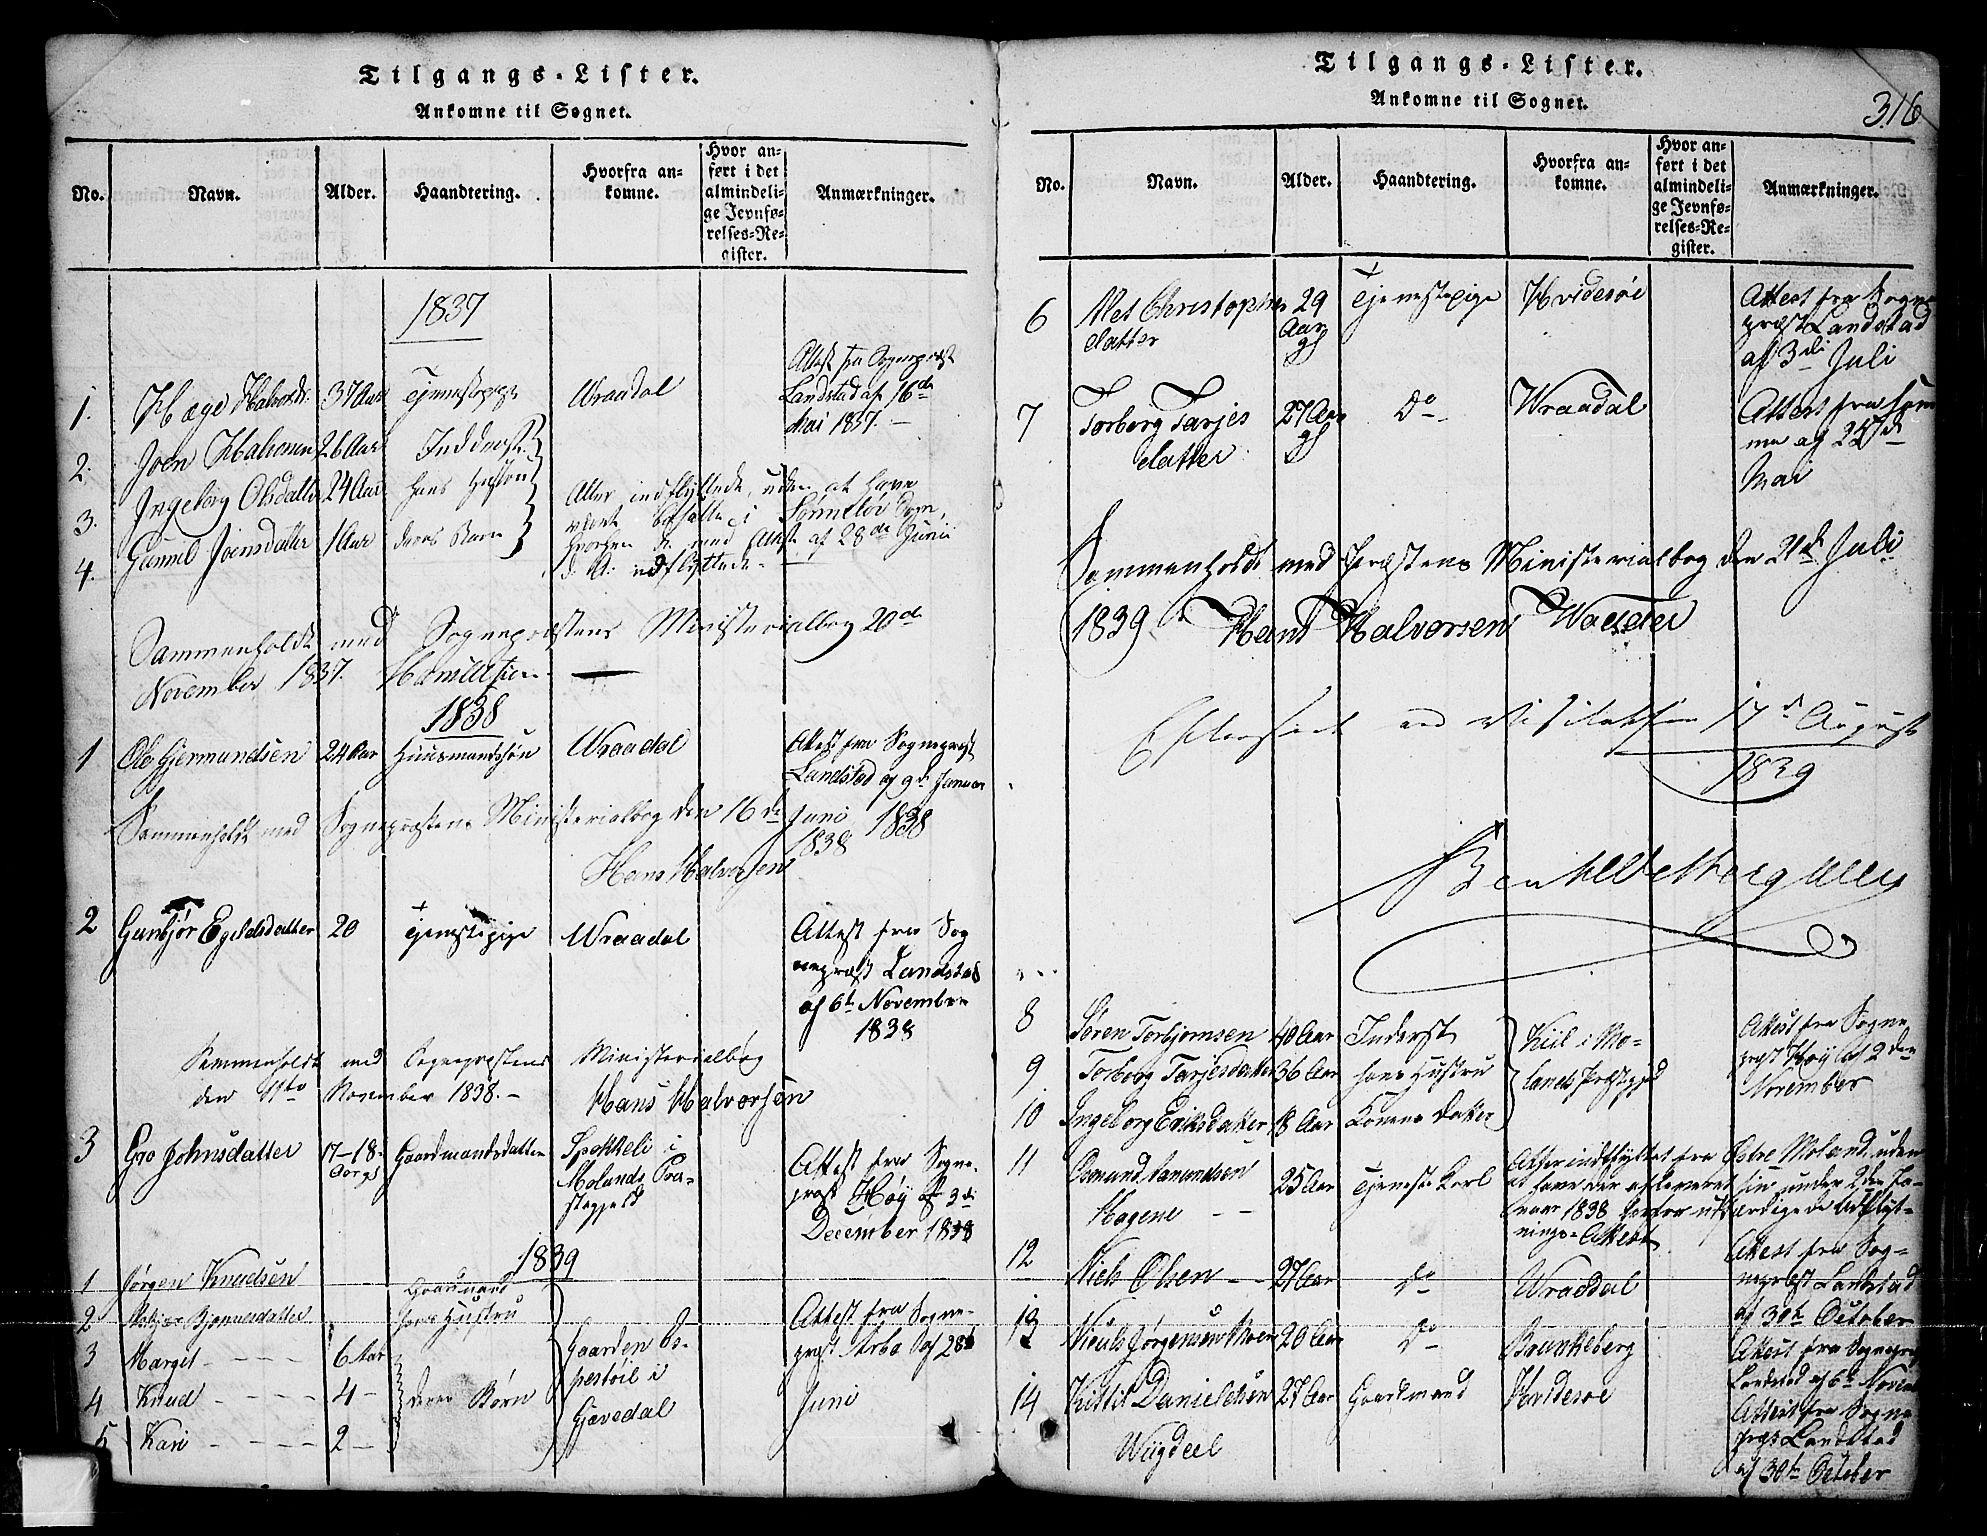 SAKO, Nissedal kirkebøker, G/Ga/L0001: Klokkerbok nr. I 1, 1814-1860, s. 316